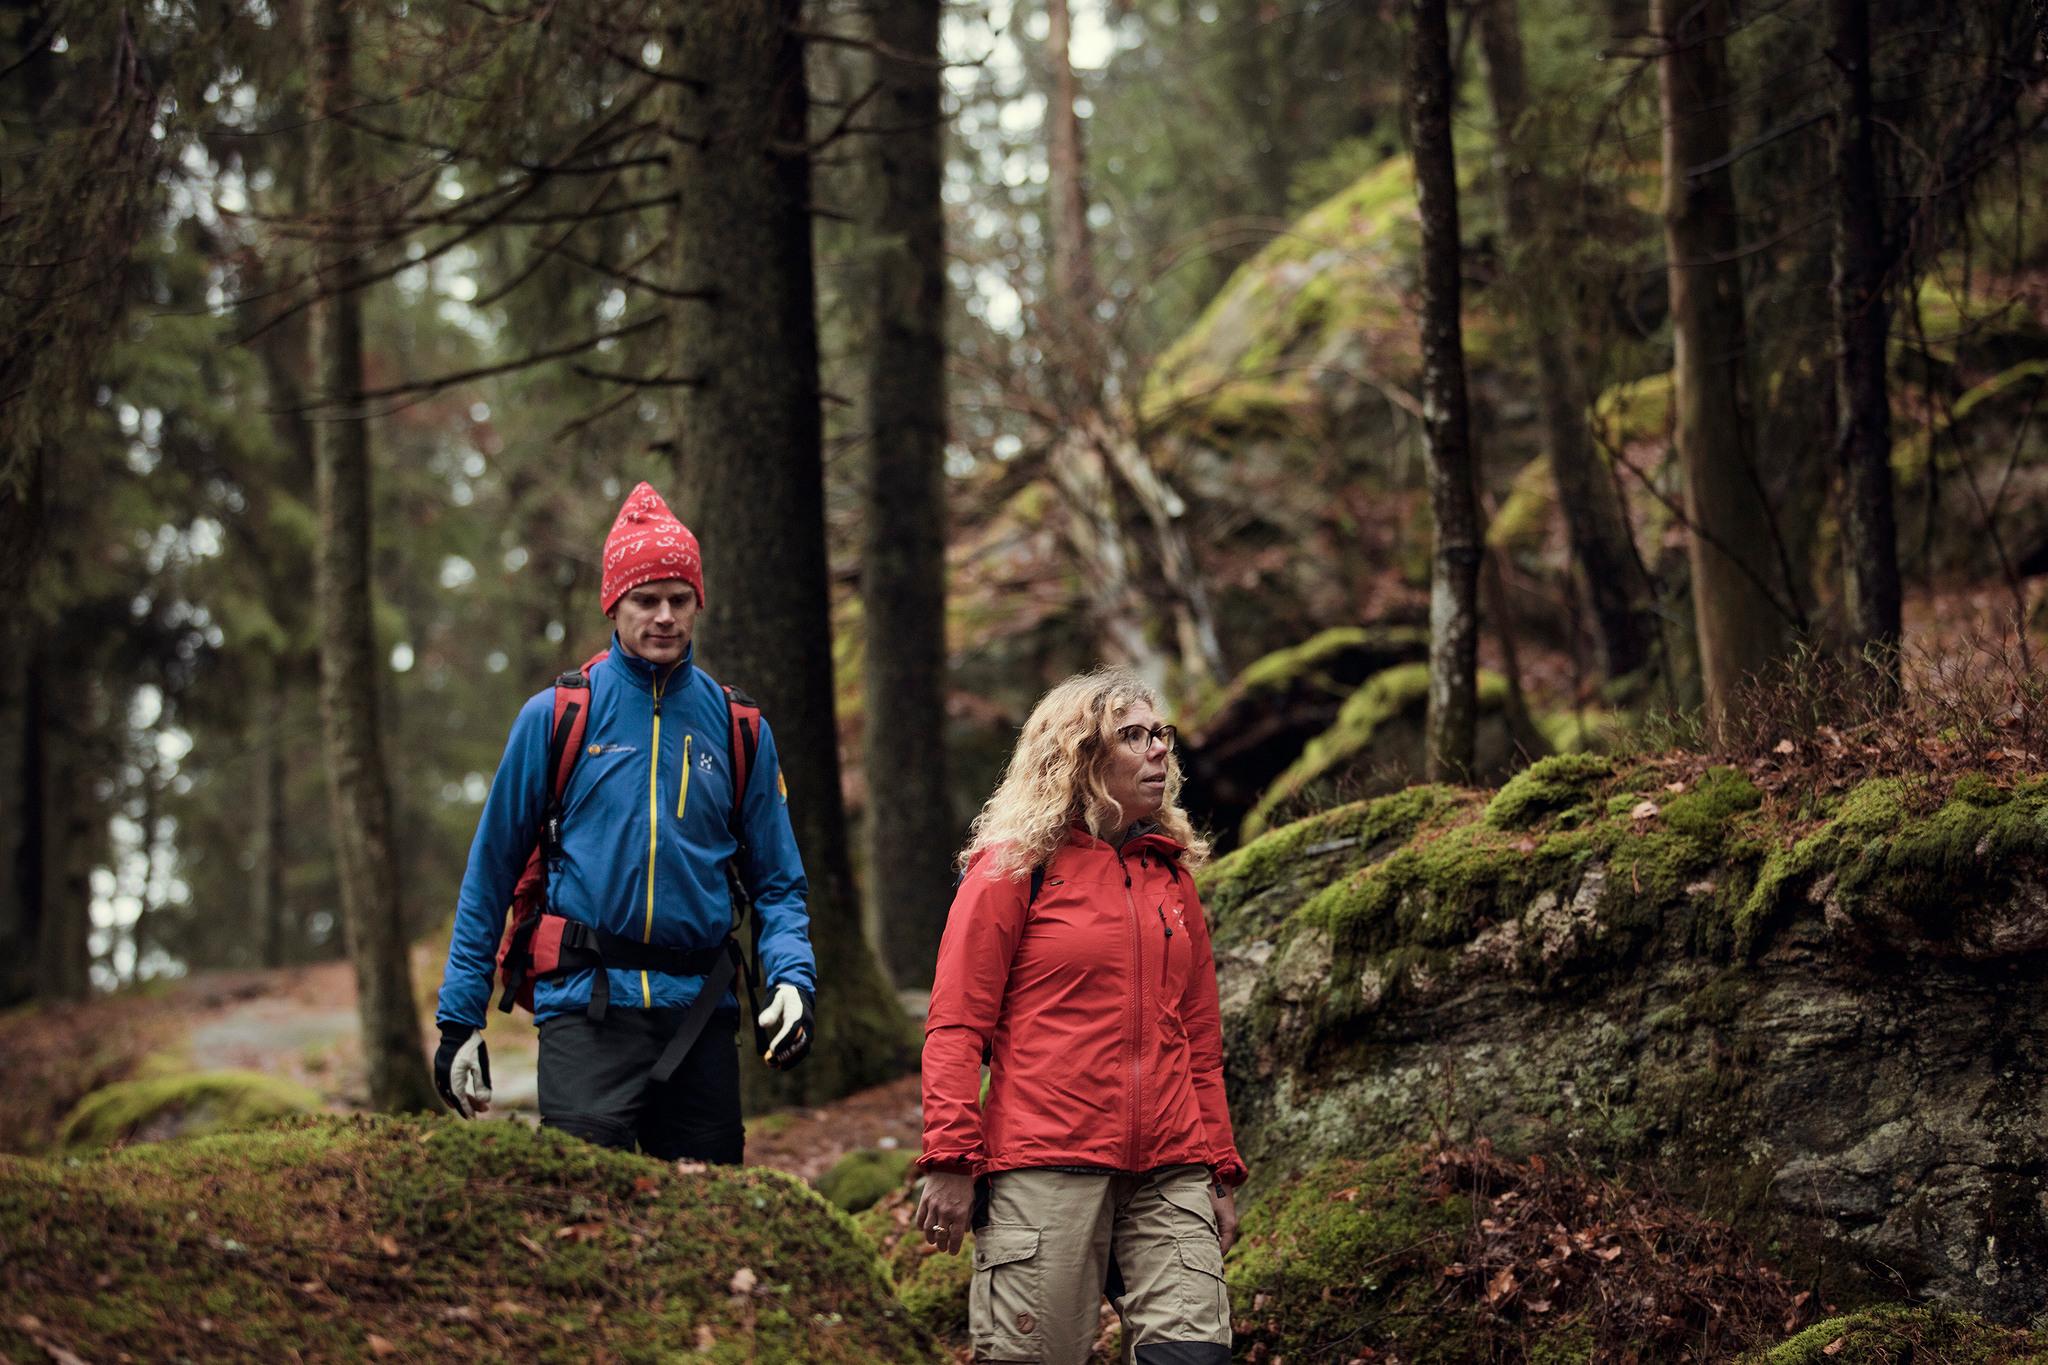 Två personer vandrar i en skog.